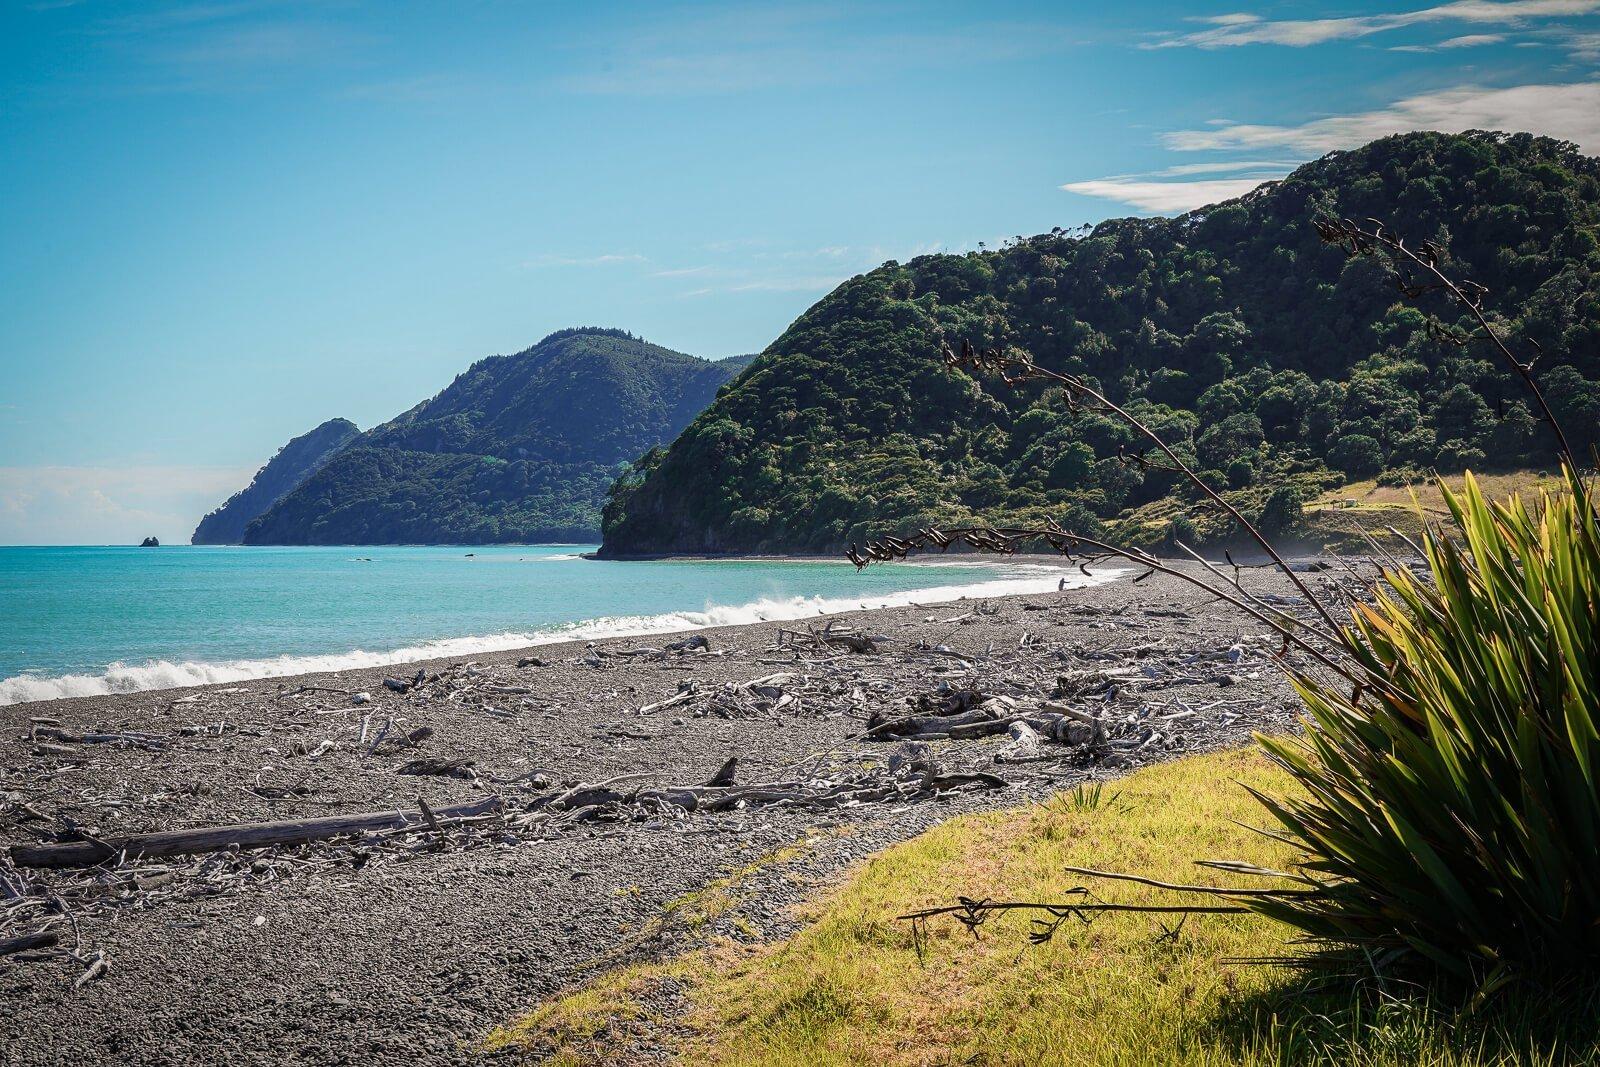 Hawai - mooiste stranden van Nieuw-Zeeland